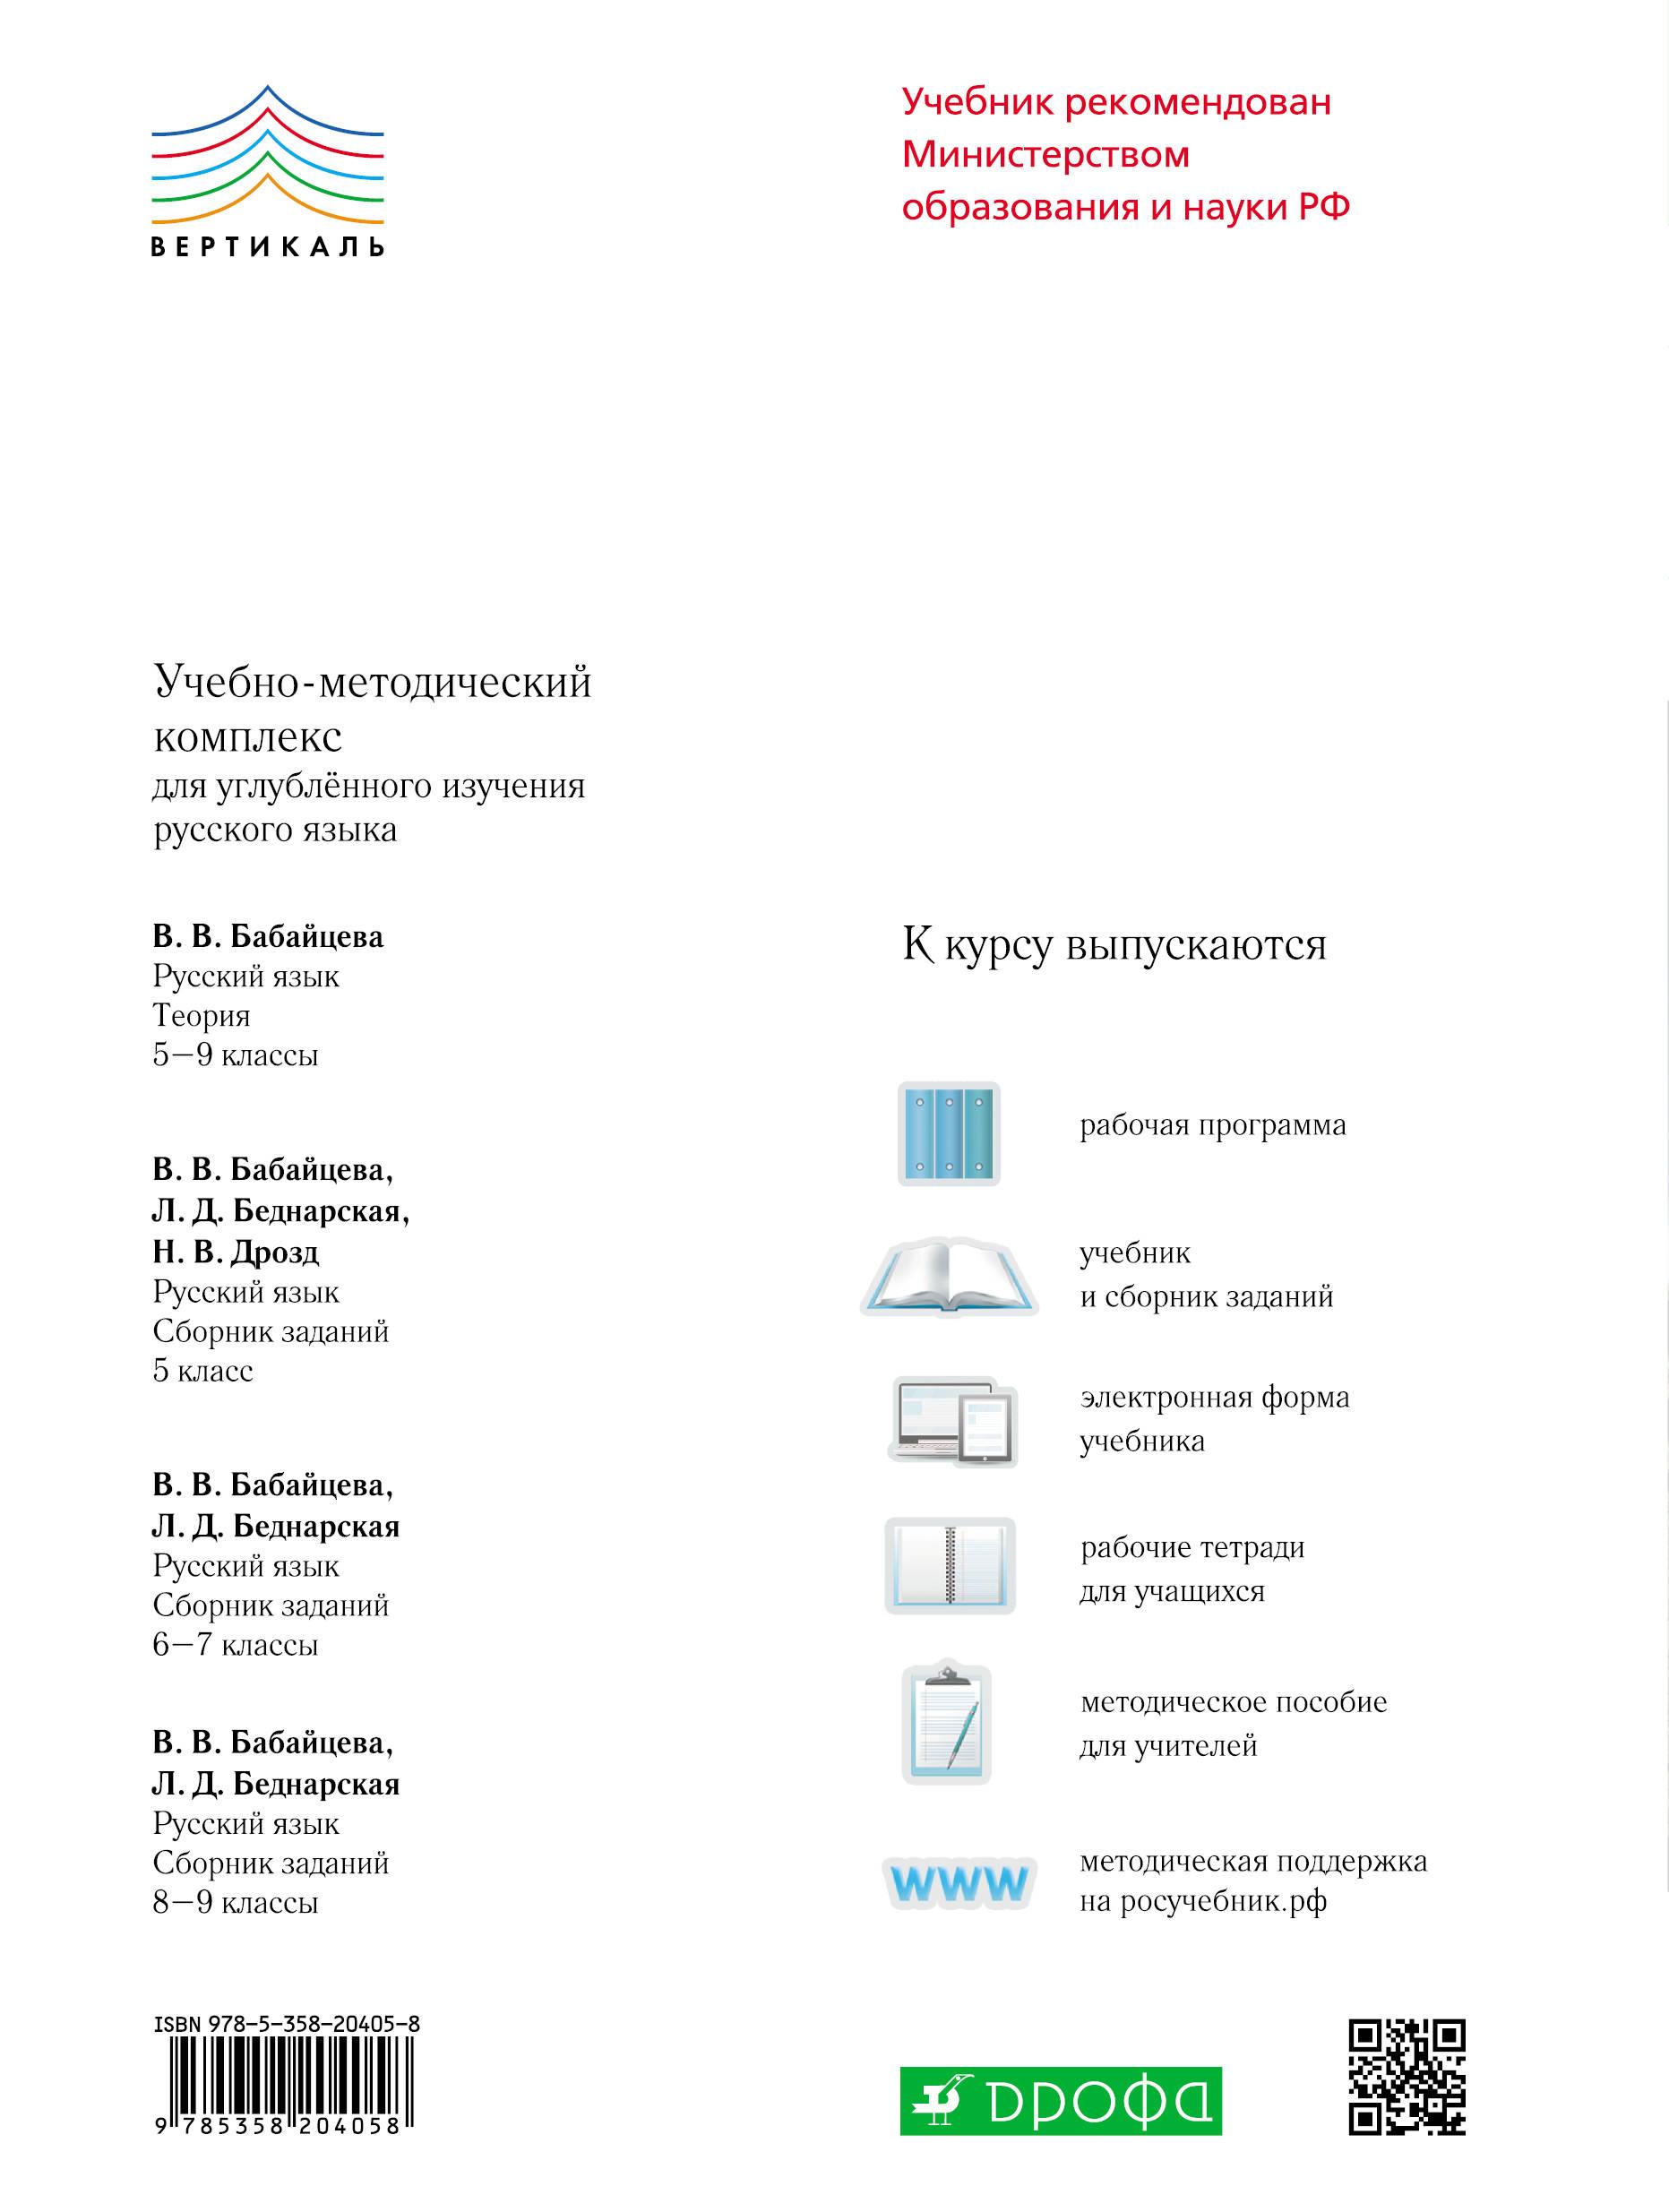 Решебник По Русскому Языку 5 Класс Рабочая Тетрадь К Учебнику Бабайцевой